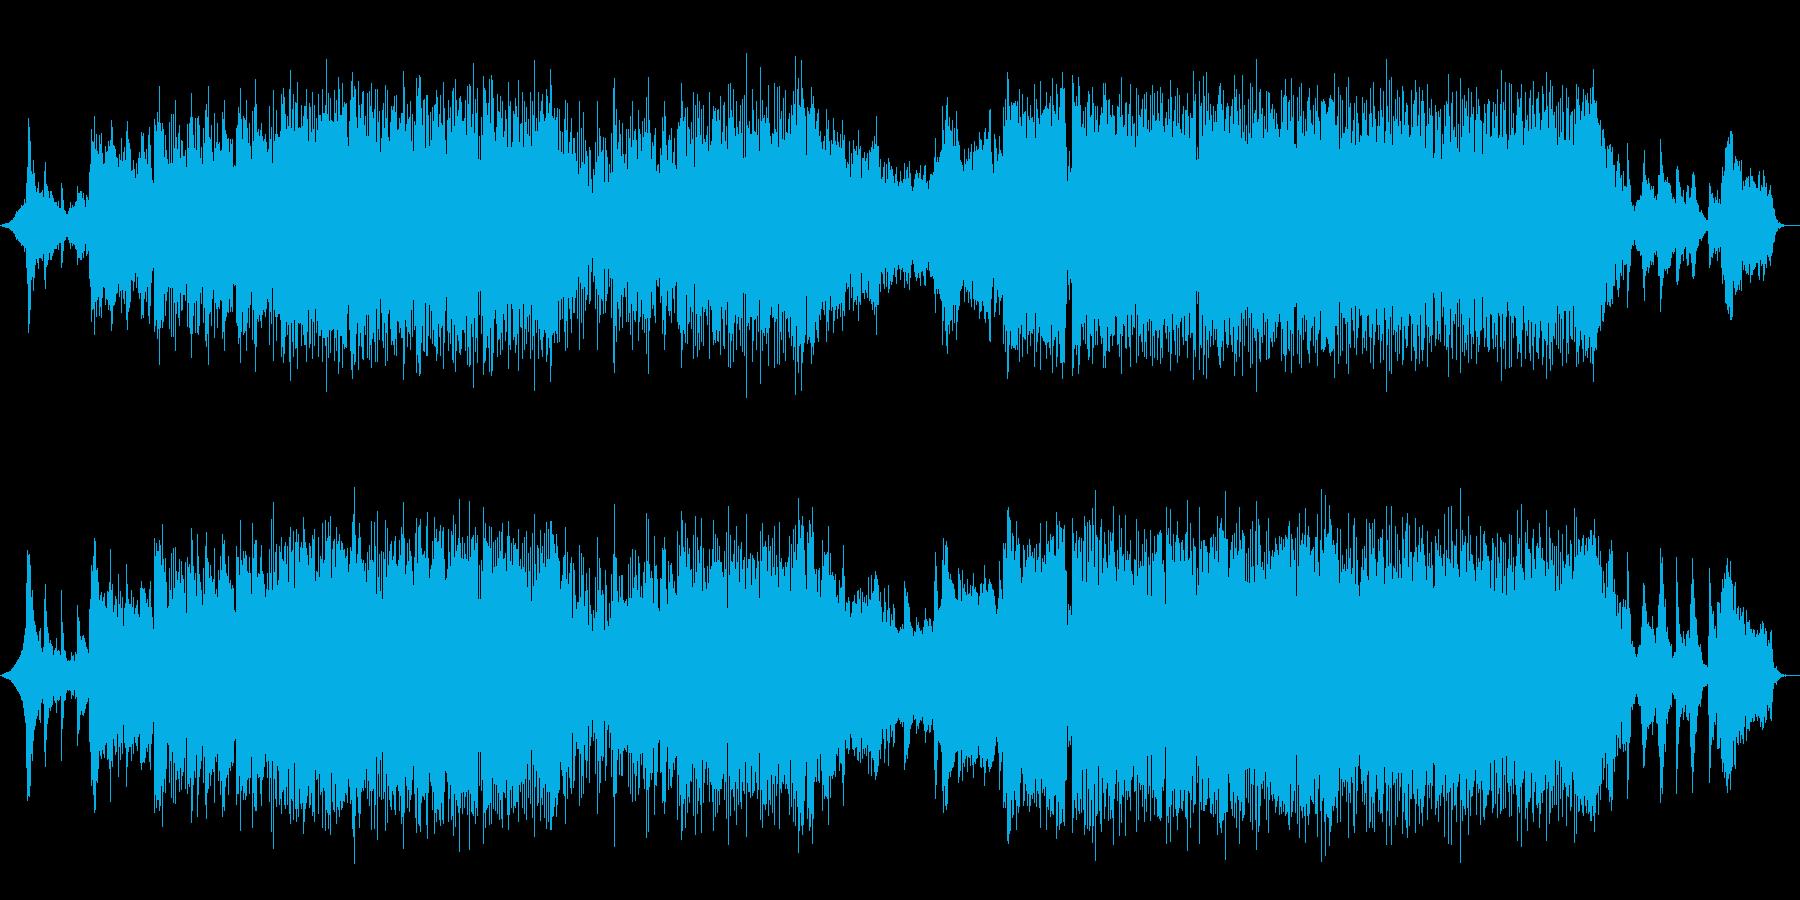 未来的で躍動感がある和風曲 篠笛生演奏の再生済みの波形